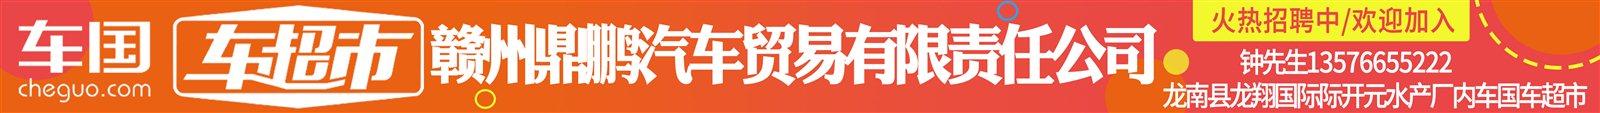 贛州鼎鵬汽車貿易有限公司